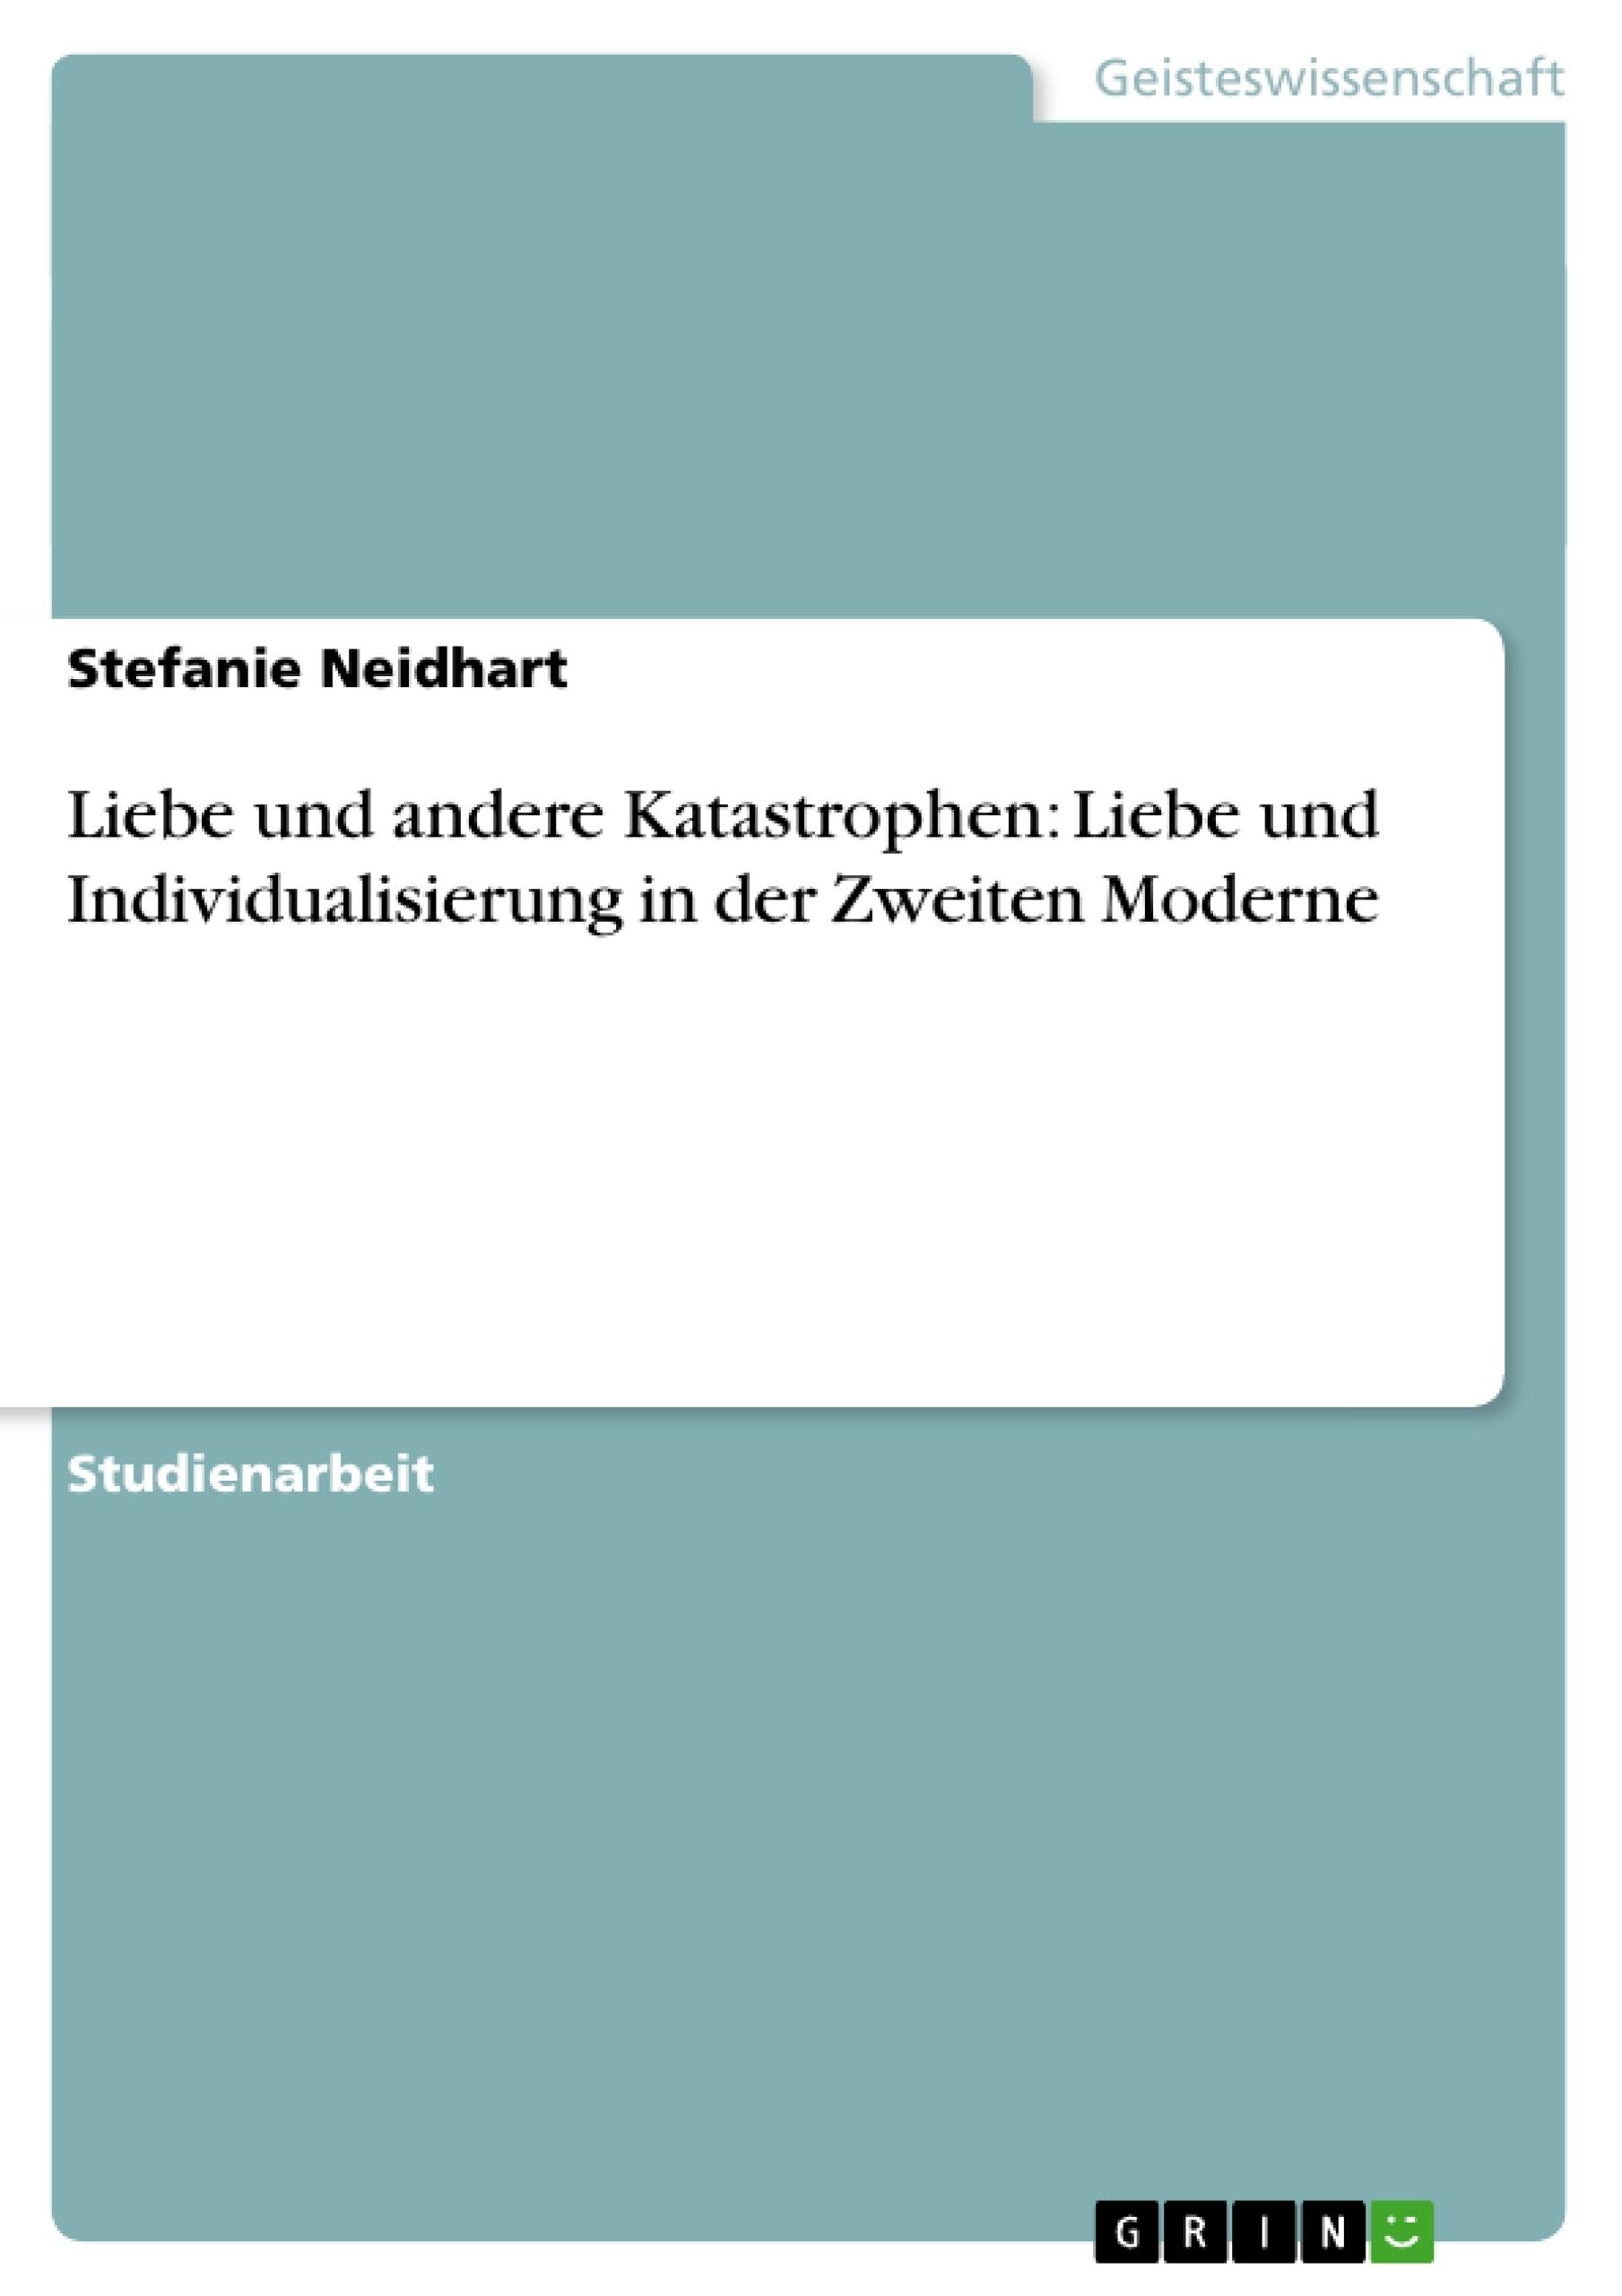 Titel: Liebe und andere Katastrophen: Liebe und Individualisierung in der Zweiten Moderne